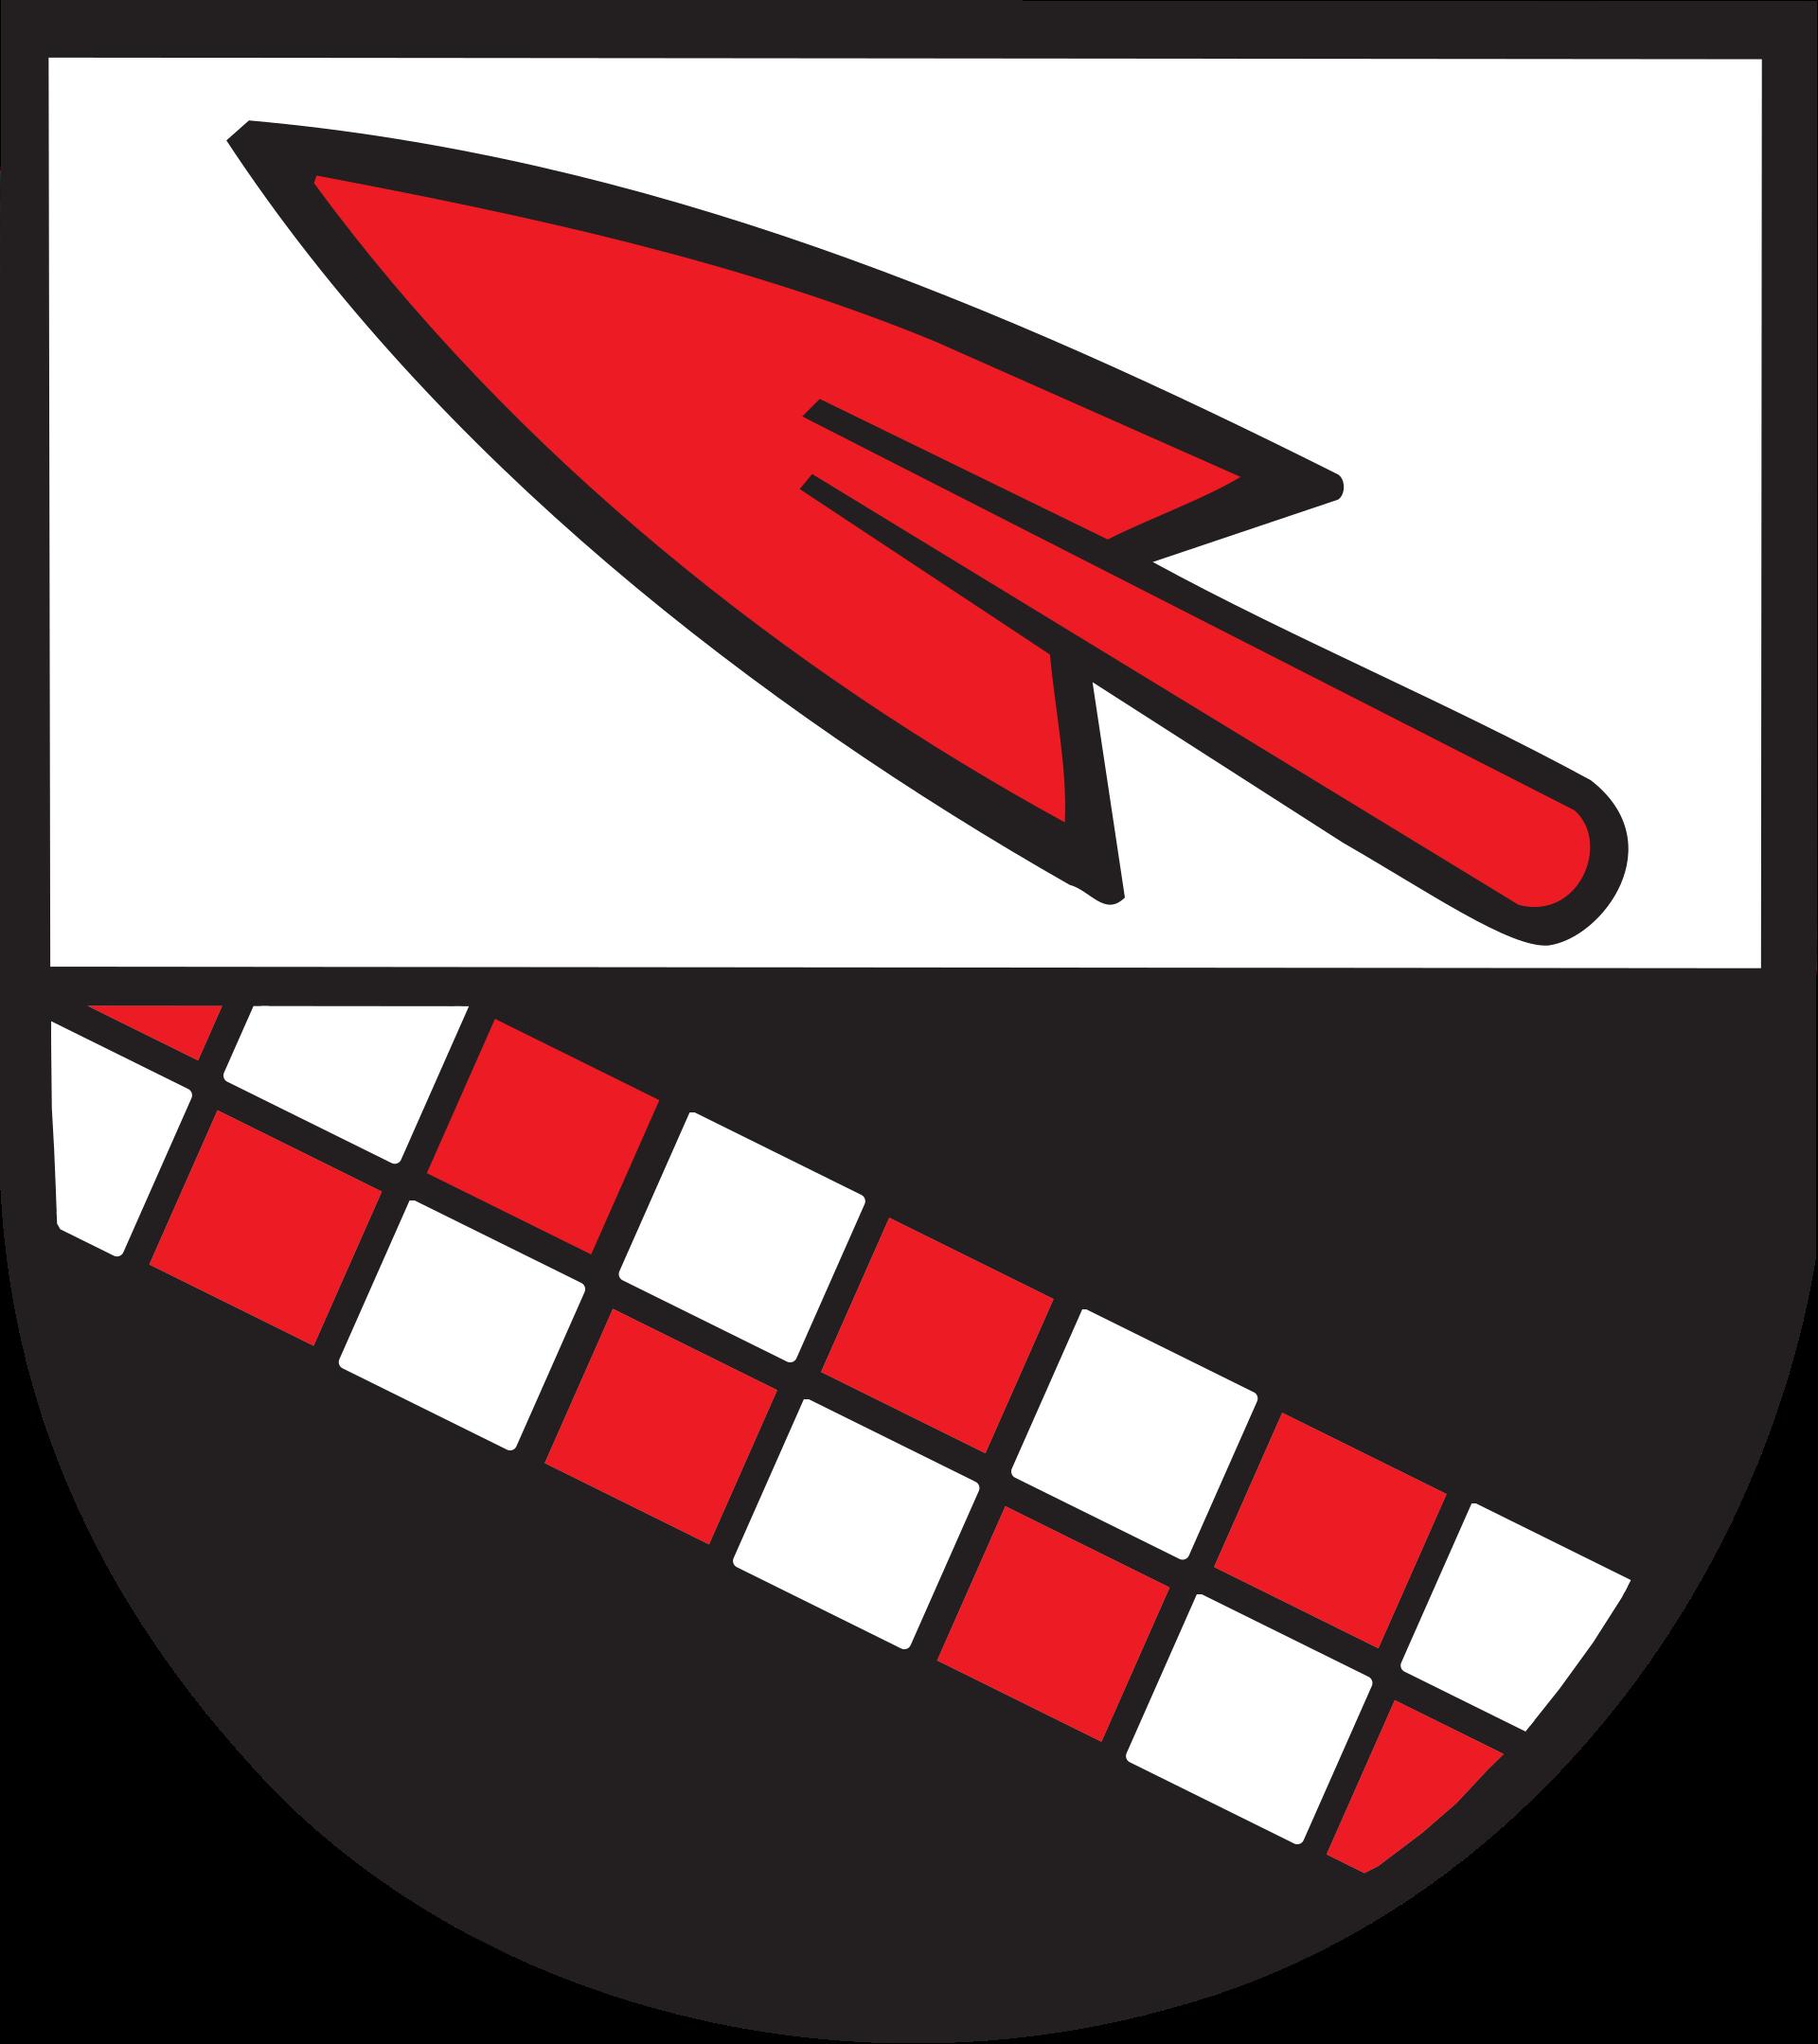 Liste der Schutzgebiete in Ostrach.